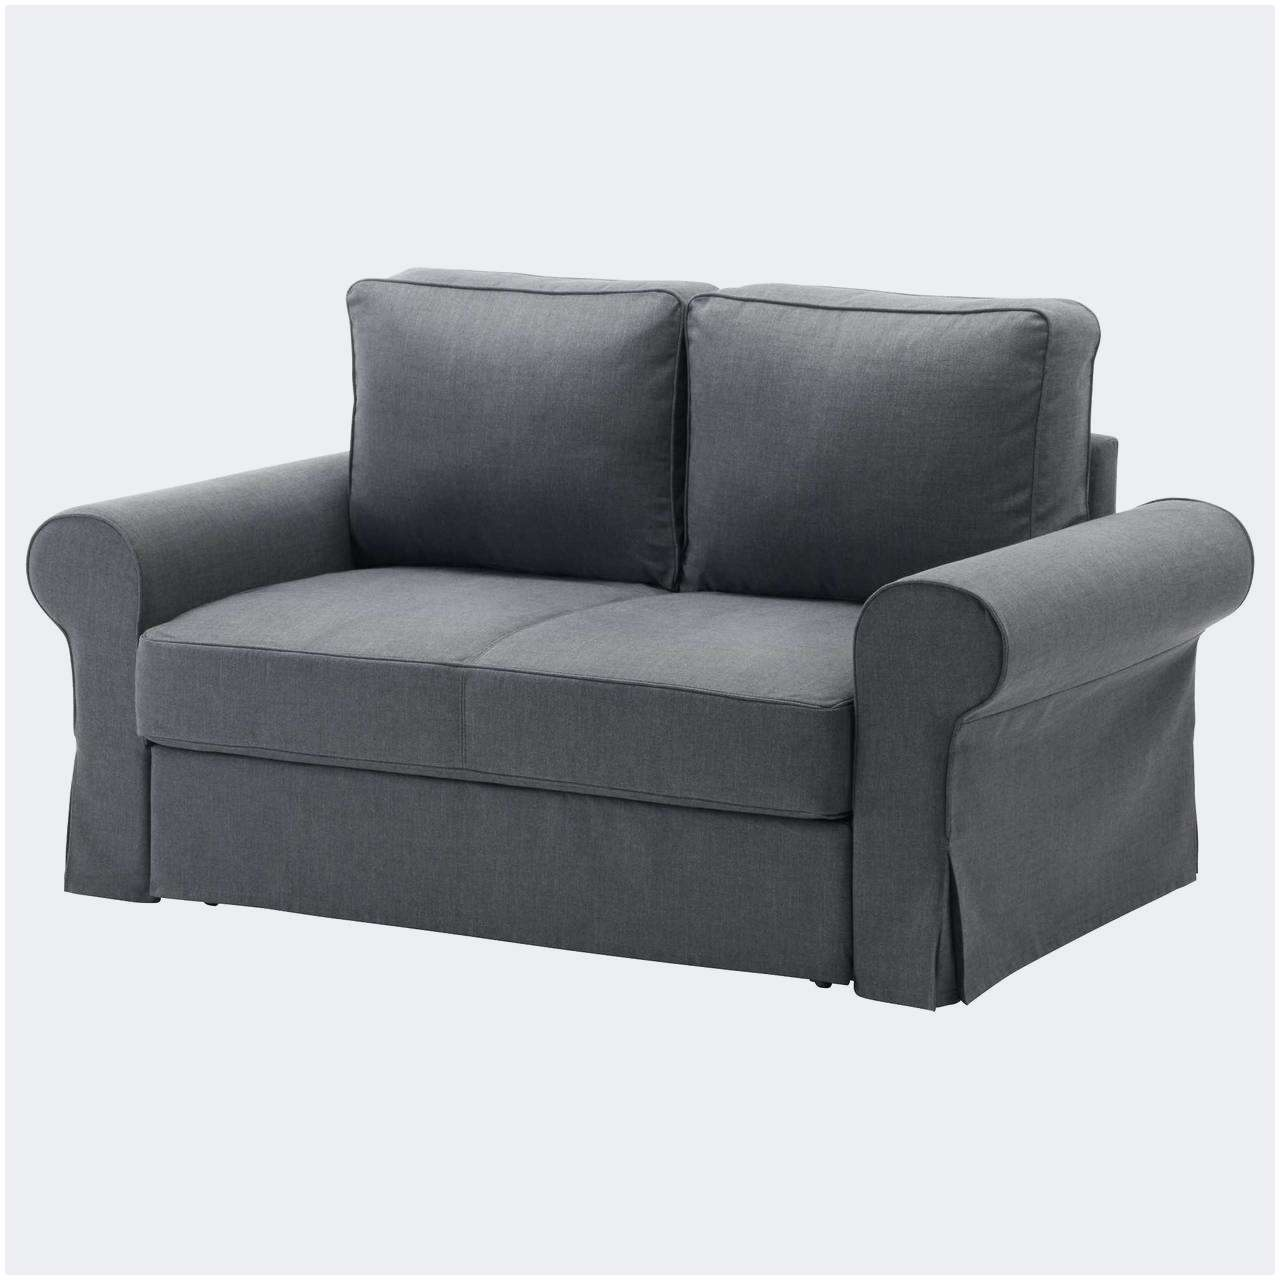 Ikea Canapé Lit Convertible Beau Nouveau 32 De Luxes Canapé Lit Couchage Quoti N Ikea Pour Excellent